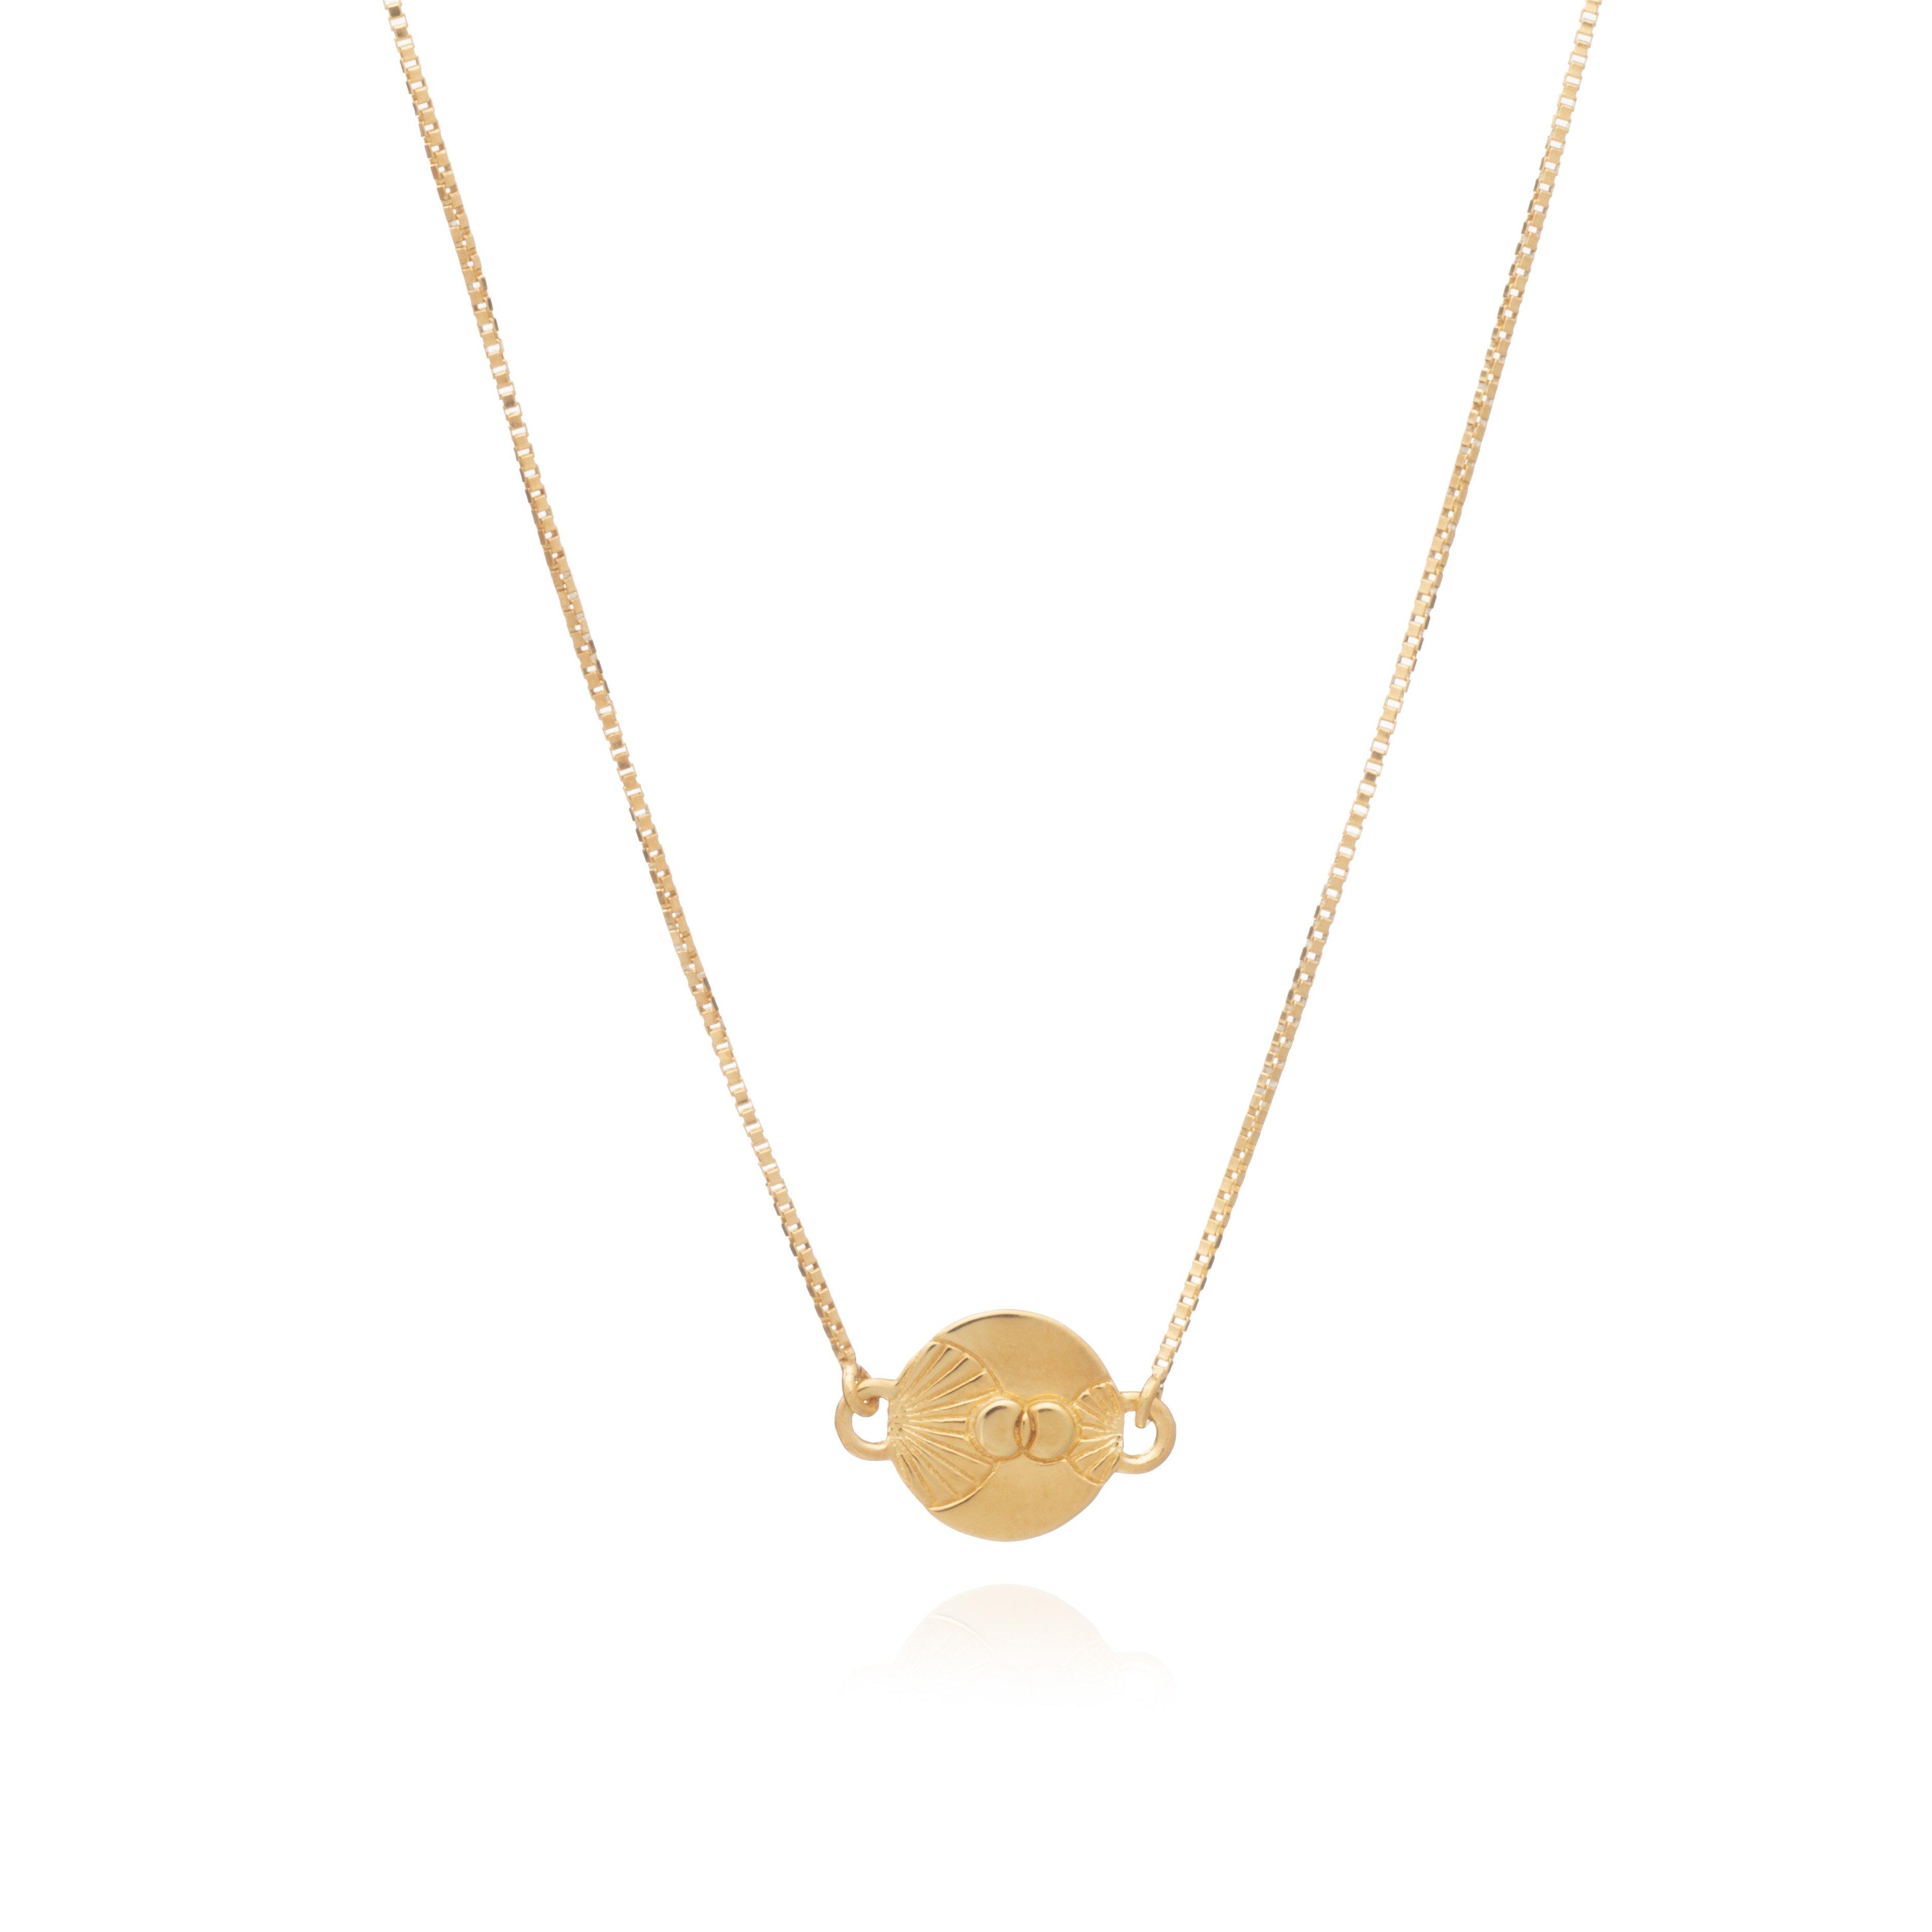 Luminary Art Coin Choker Necklace - GOLD